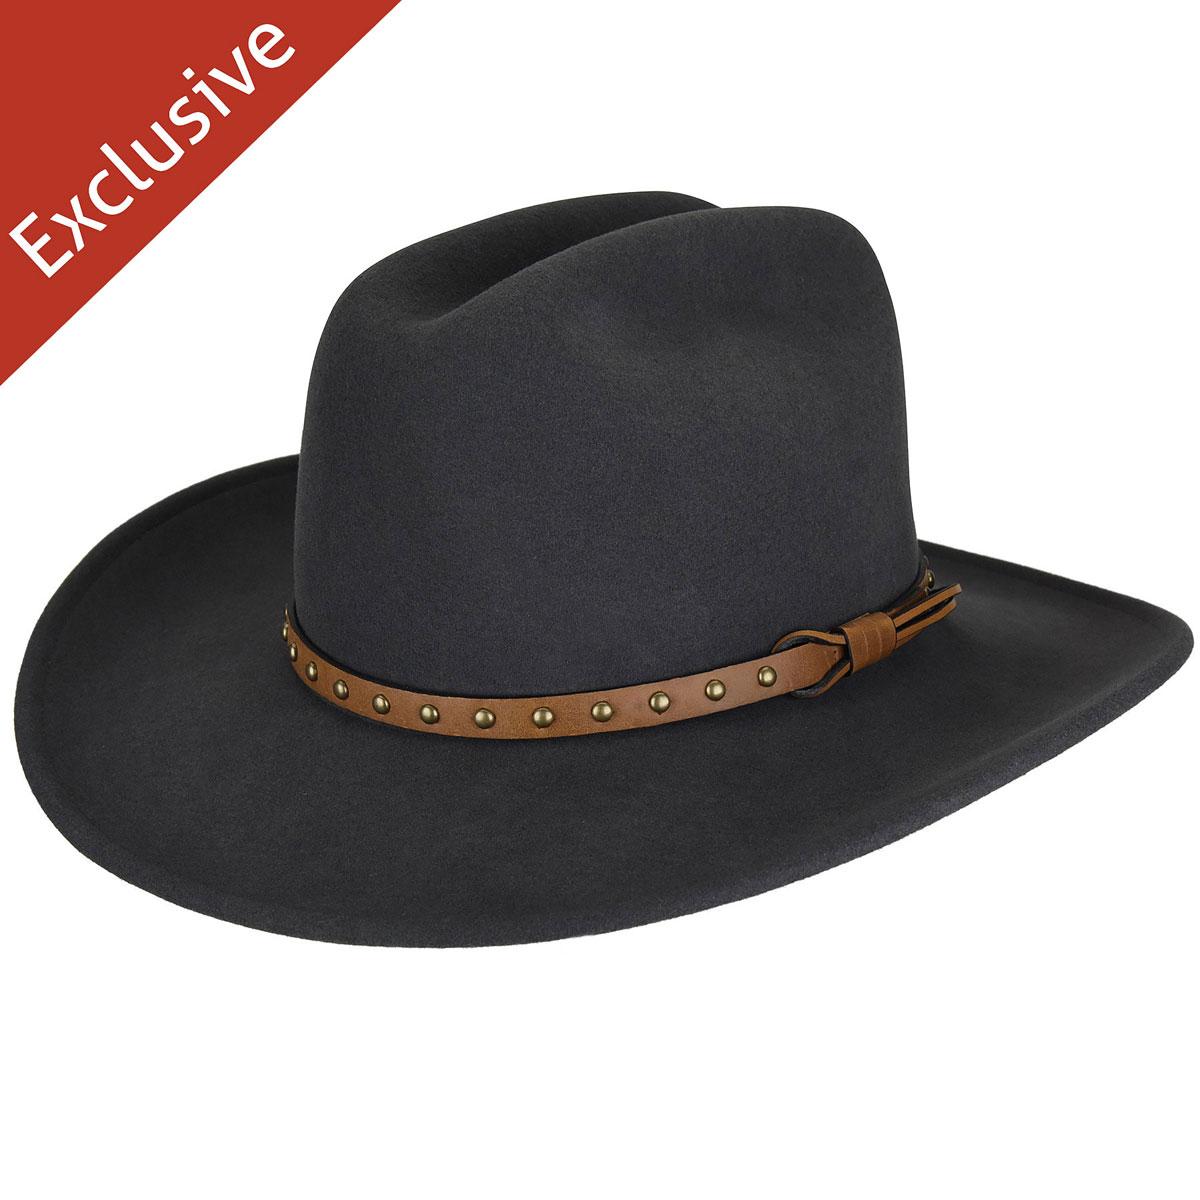 Hats.com Certitude Western Hat - Exclusive in Grey